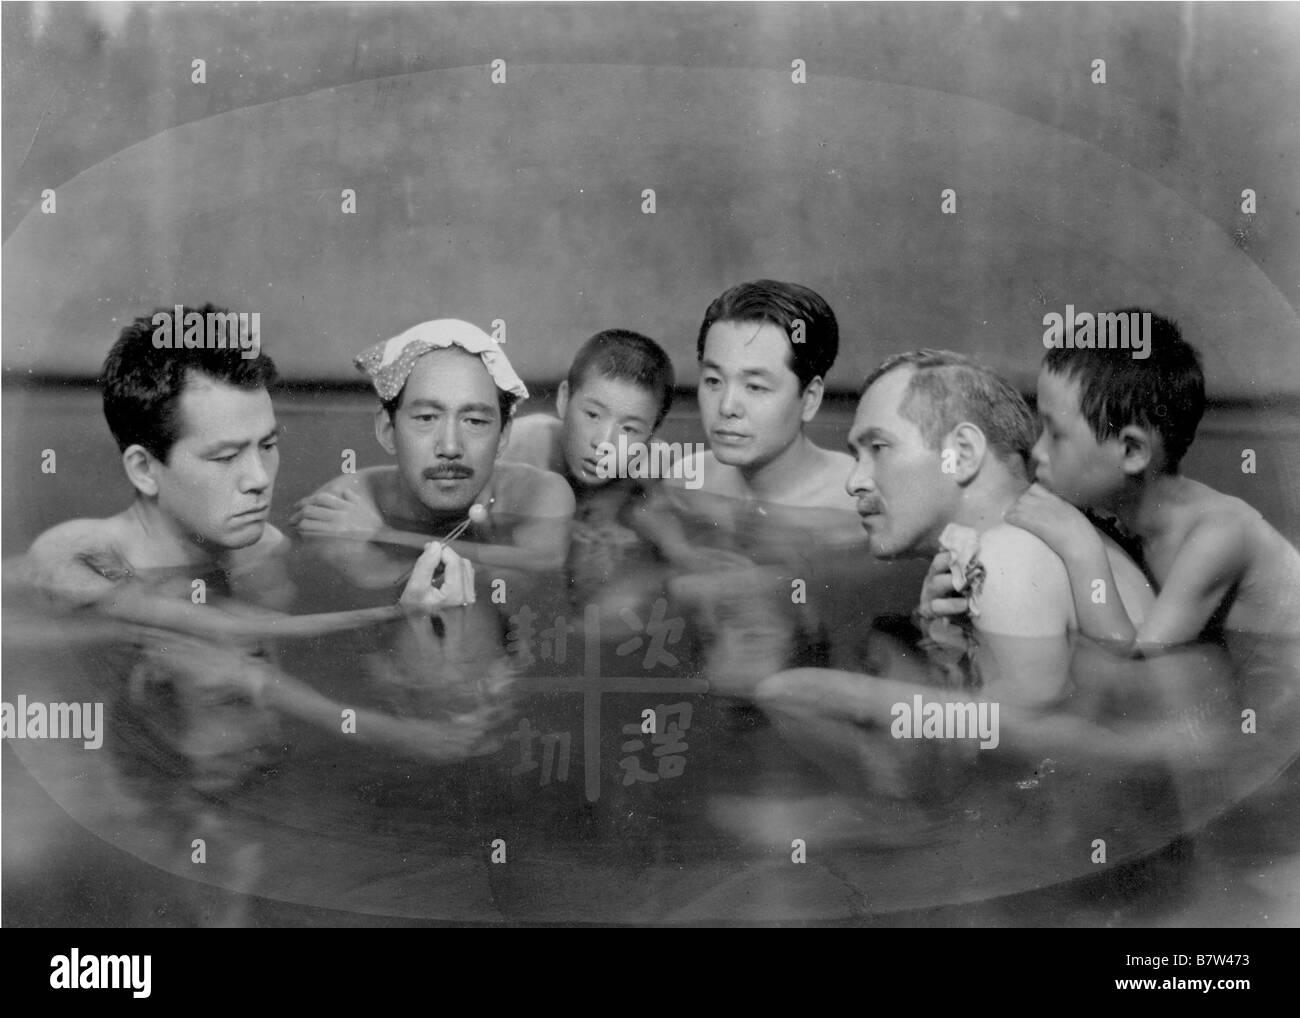 Kanzashi Kanzashi  Year: 1941 - Japan Director: Hiroshi Shimizu Japon 1941 - Stock Image